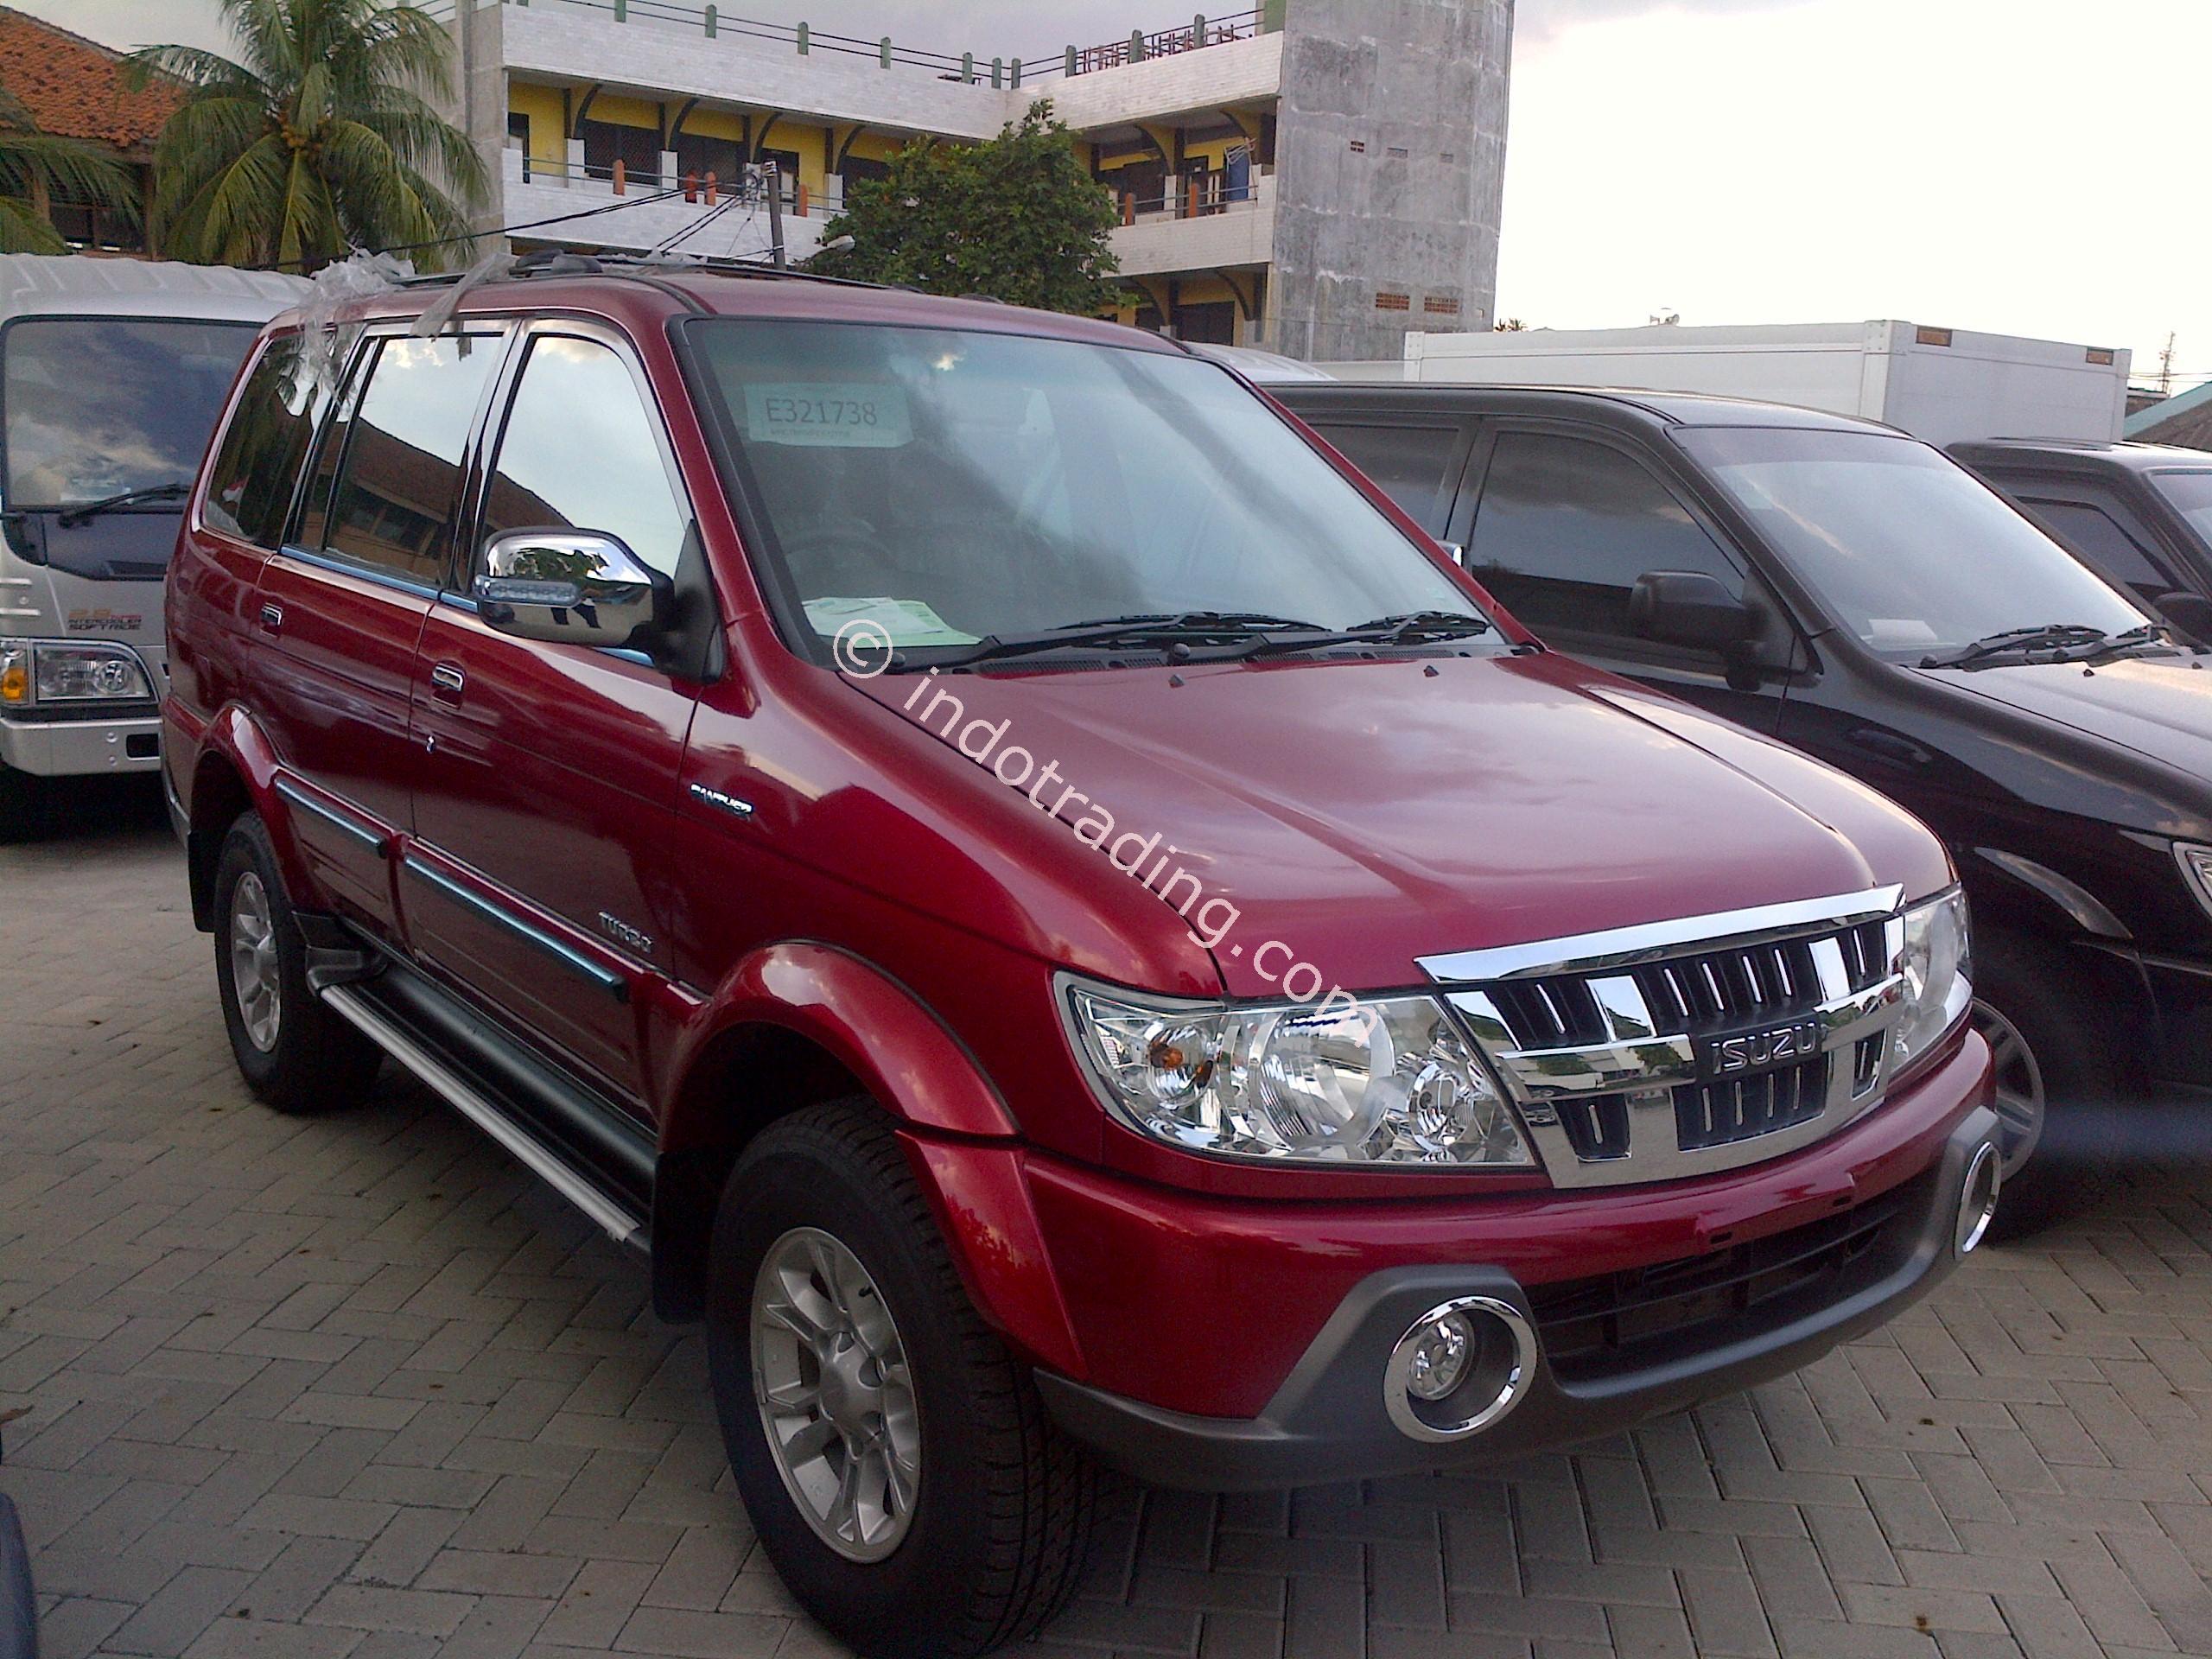 Jual Mobil Isuzu Panther Grand Touring Harga Murah Jakarta